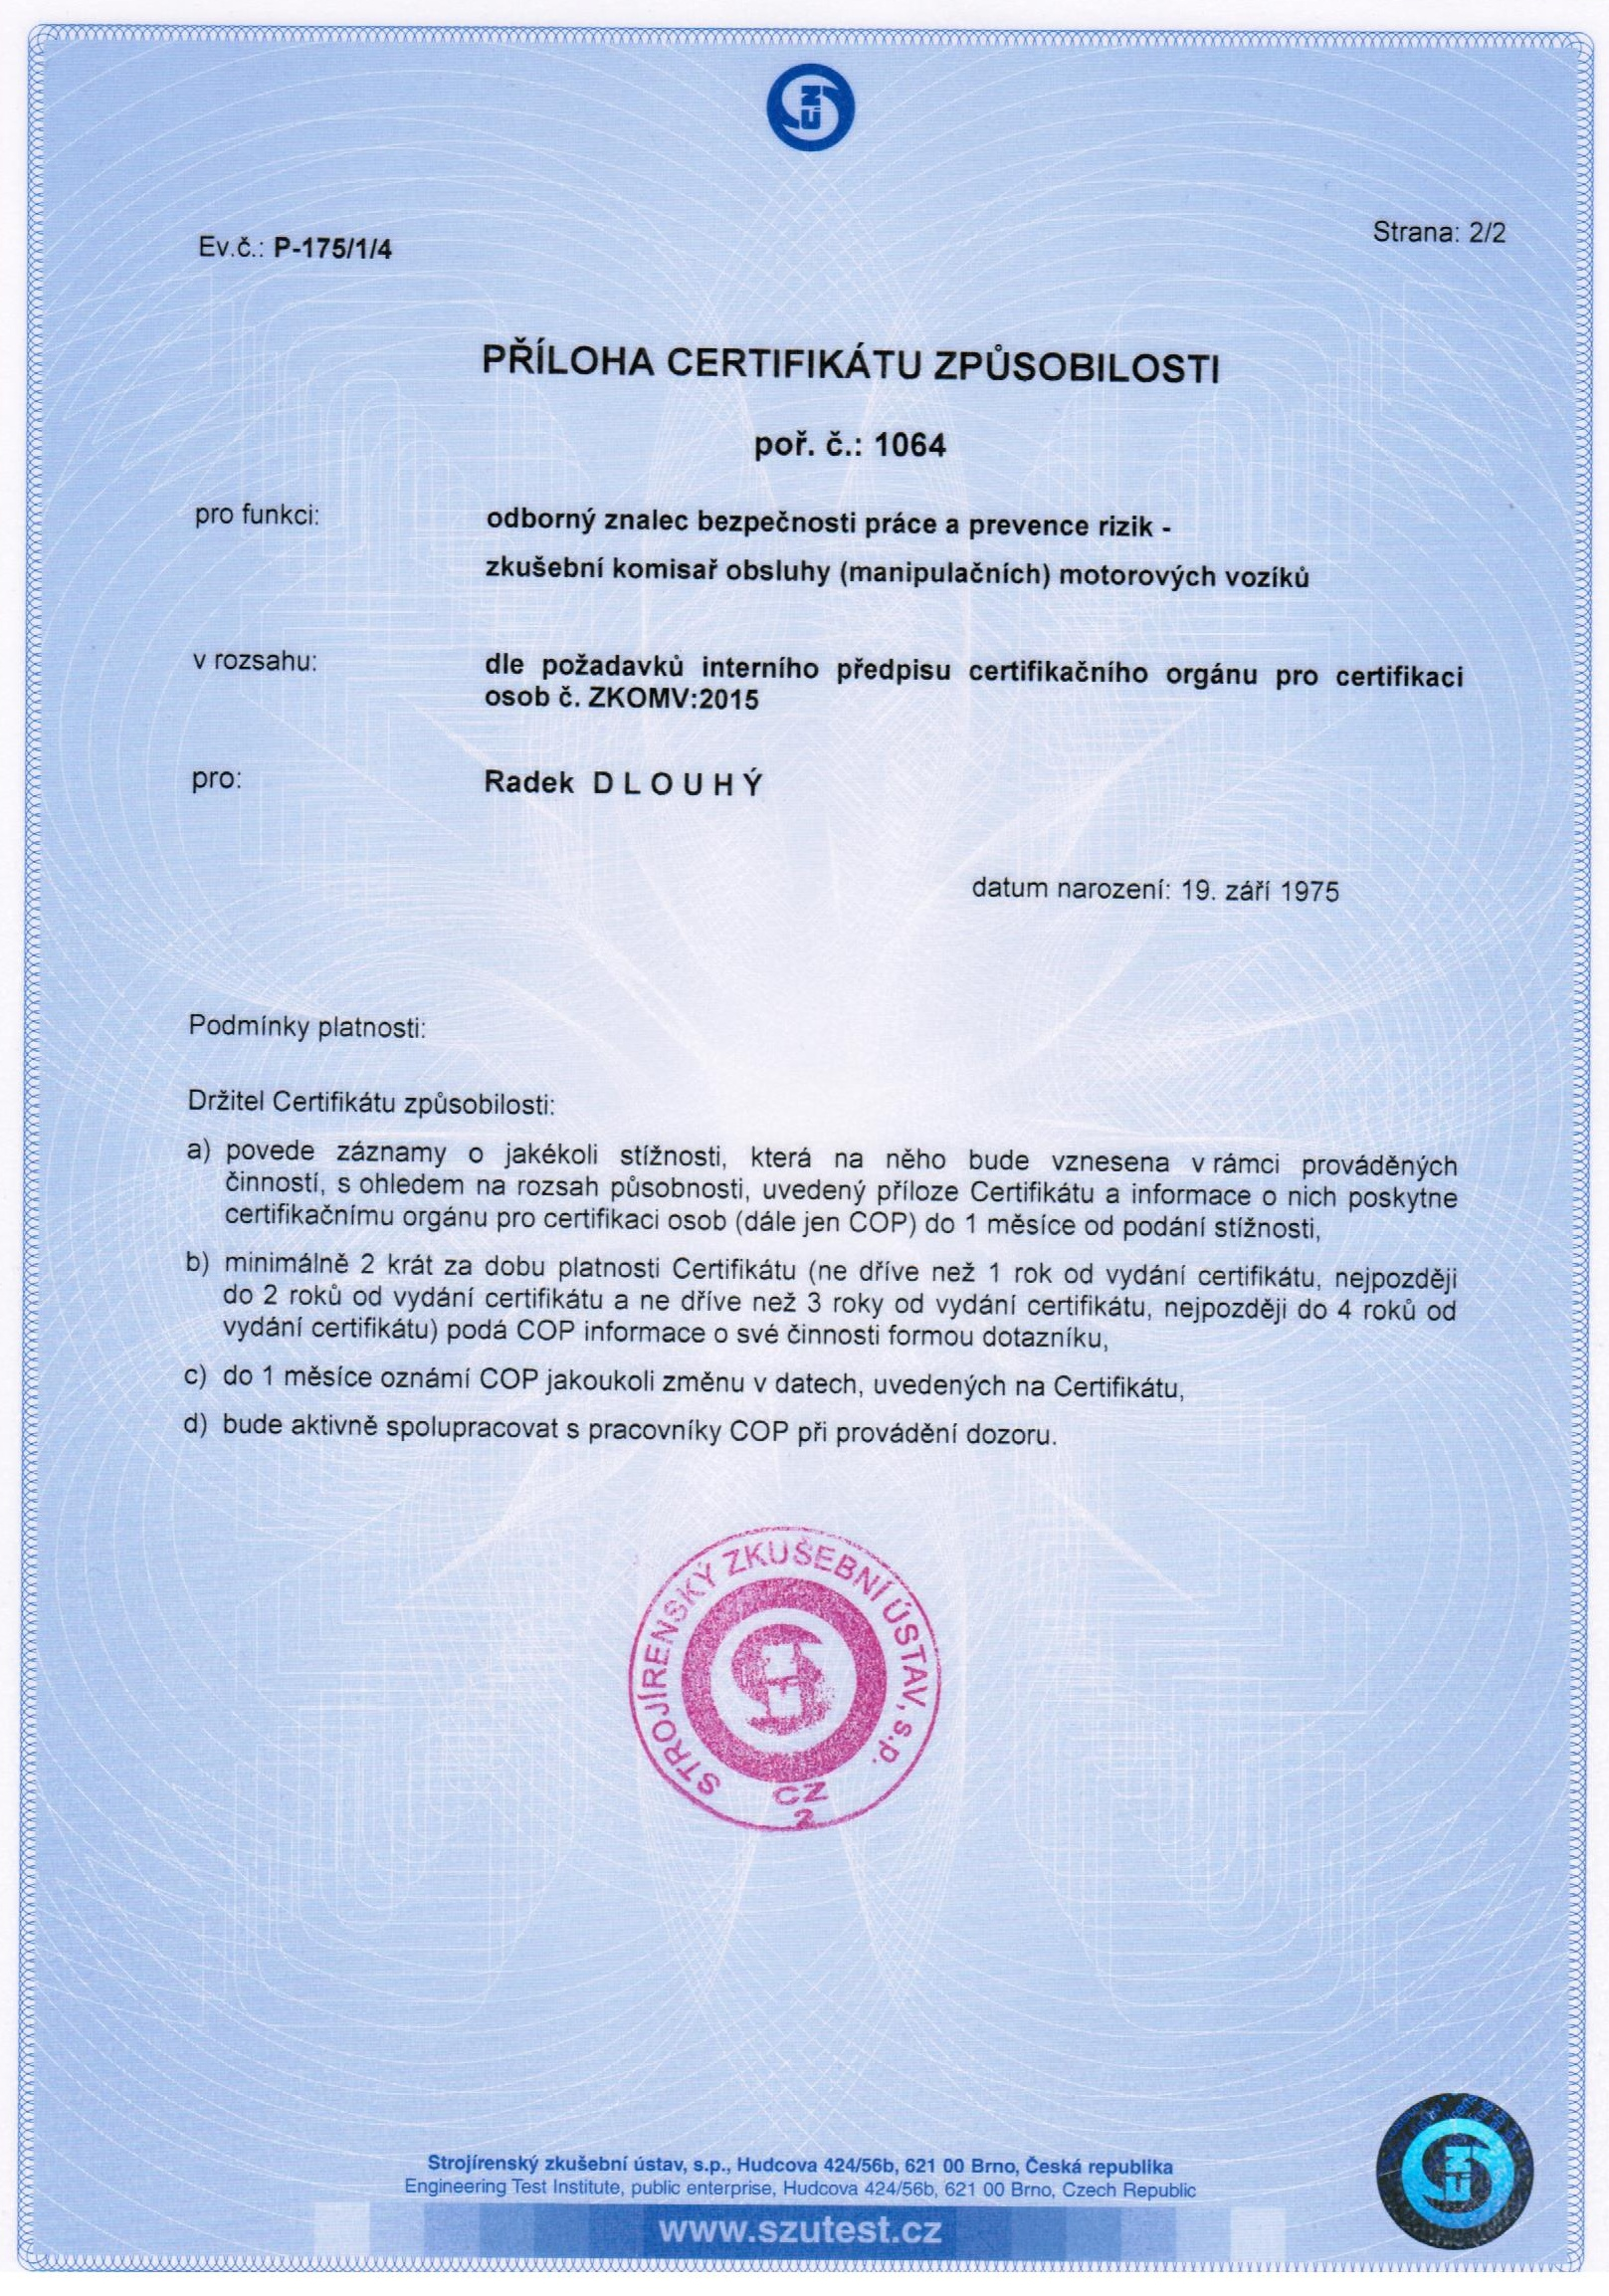 příloha k certifikátu komisaře